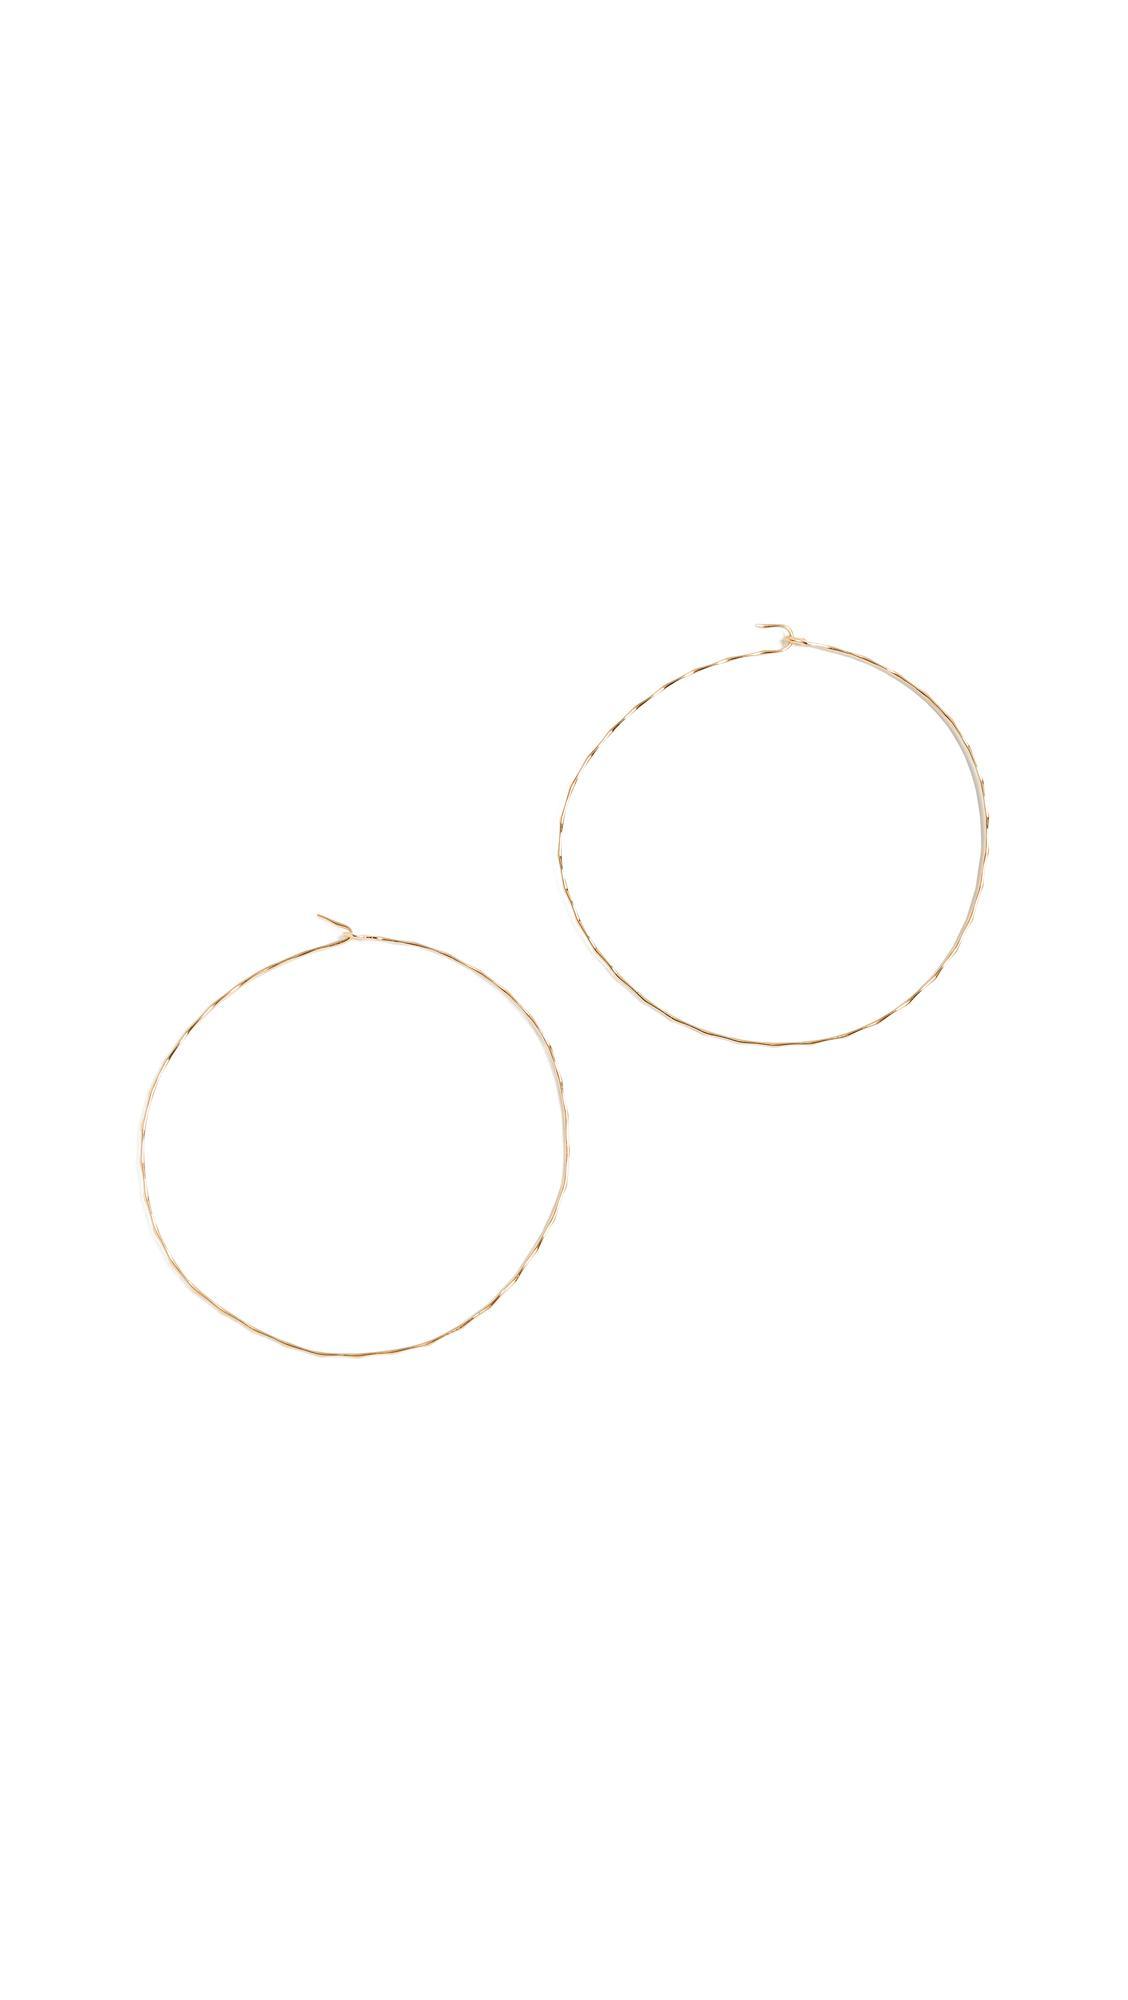 Jules Smith Atlas Hoop Earrings In Yellow Gold